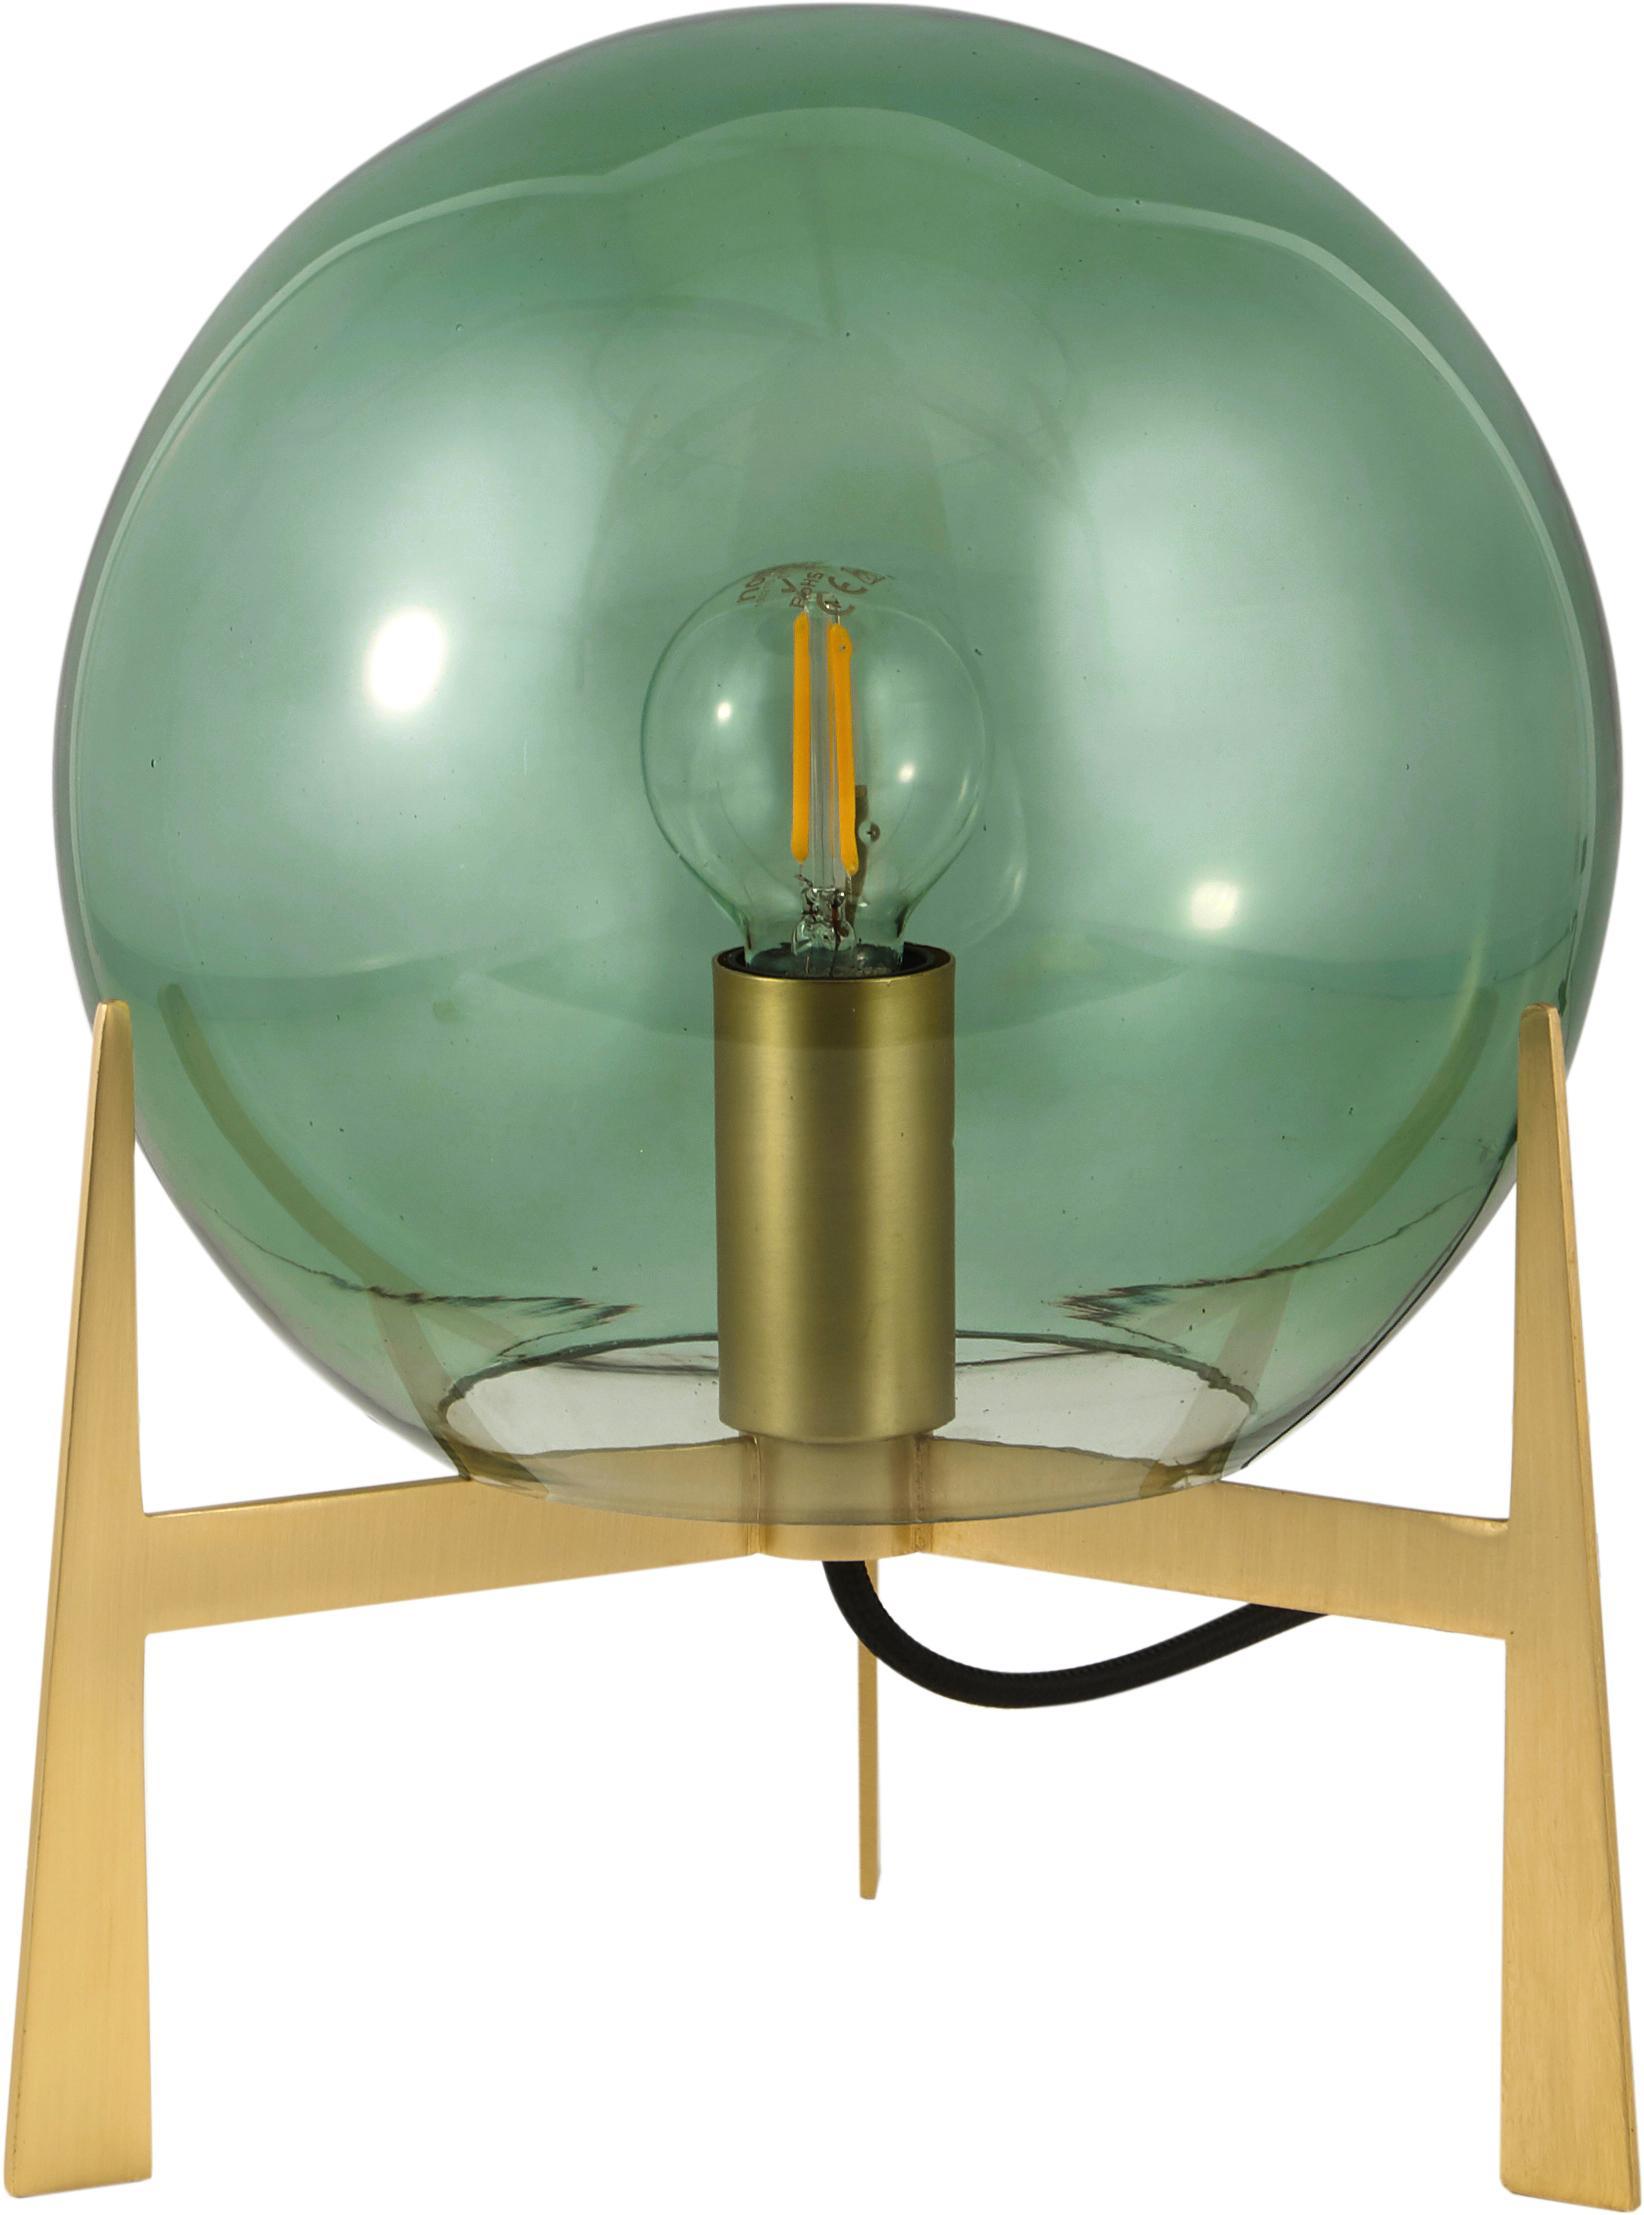 Tischlampe Milla aus farbigem Glas, Lampenschirm: Glas, Grün, Messingfarben, Schwarz, Ø 22 x H 28 cm